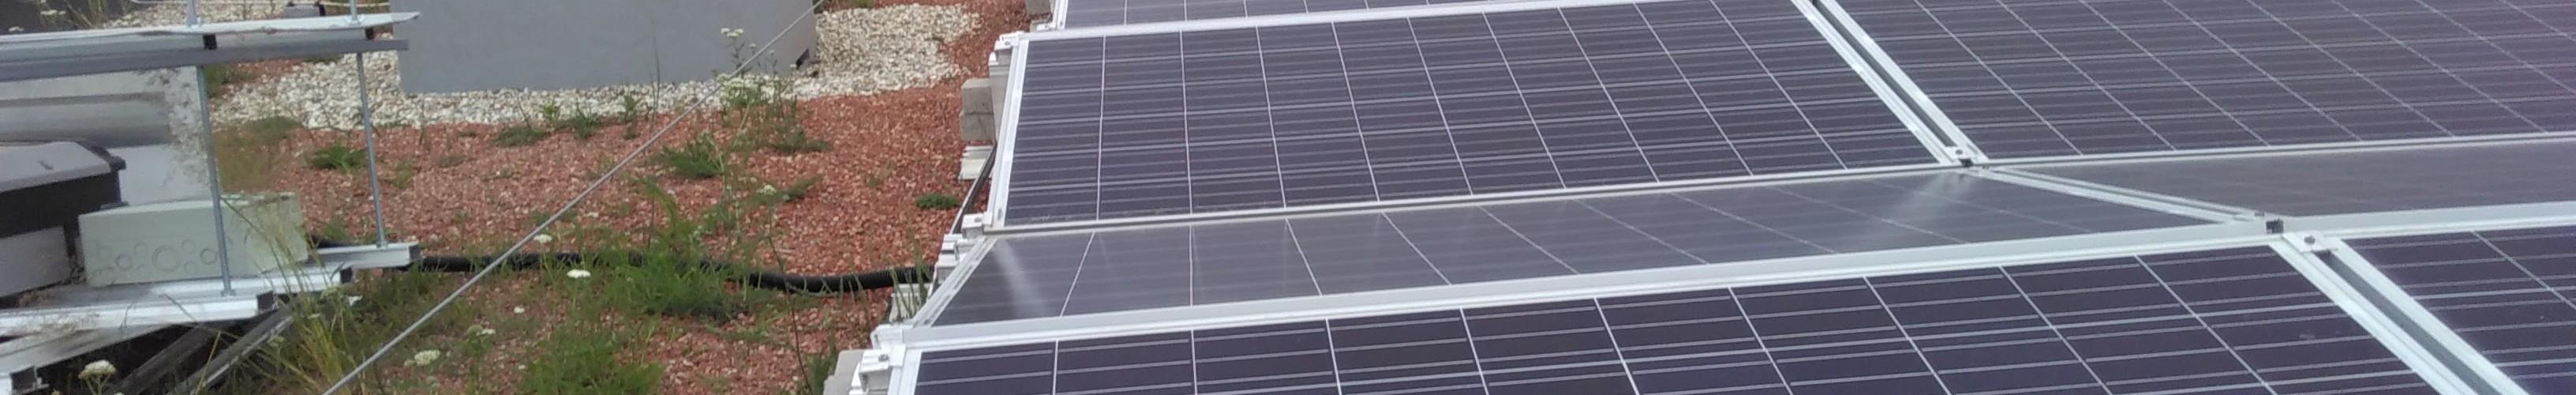 Sonnenkraft PV-Projekt